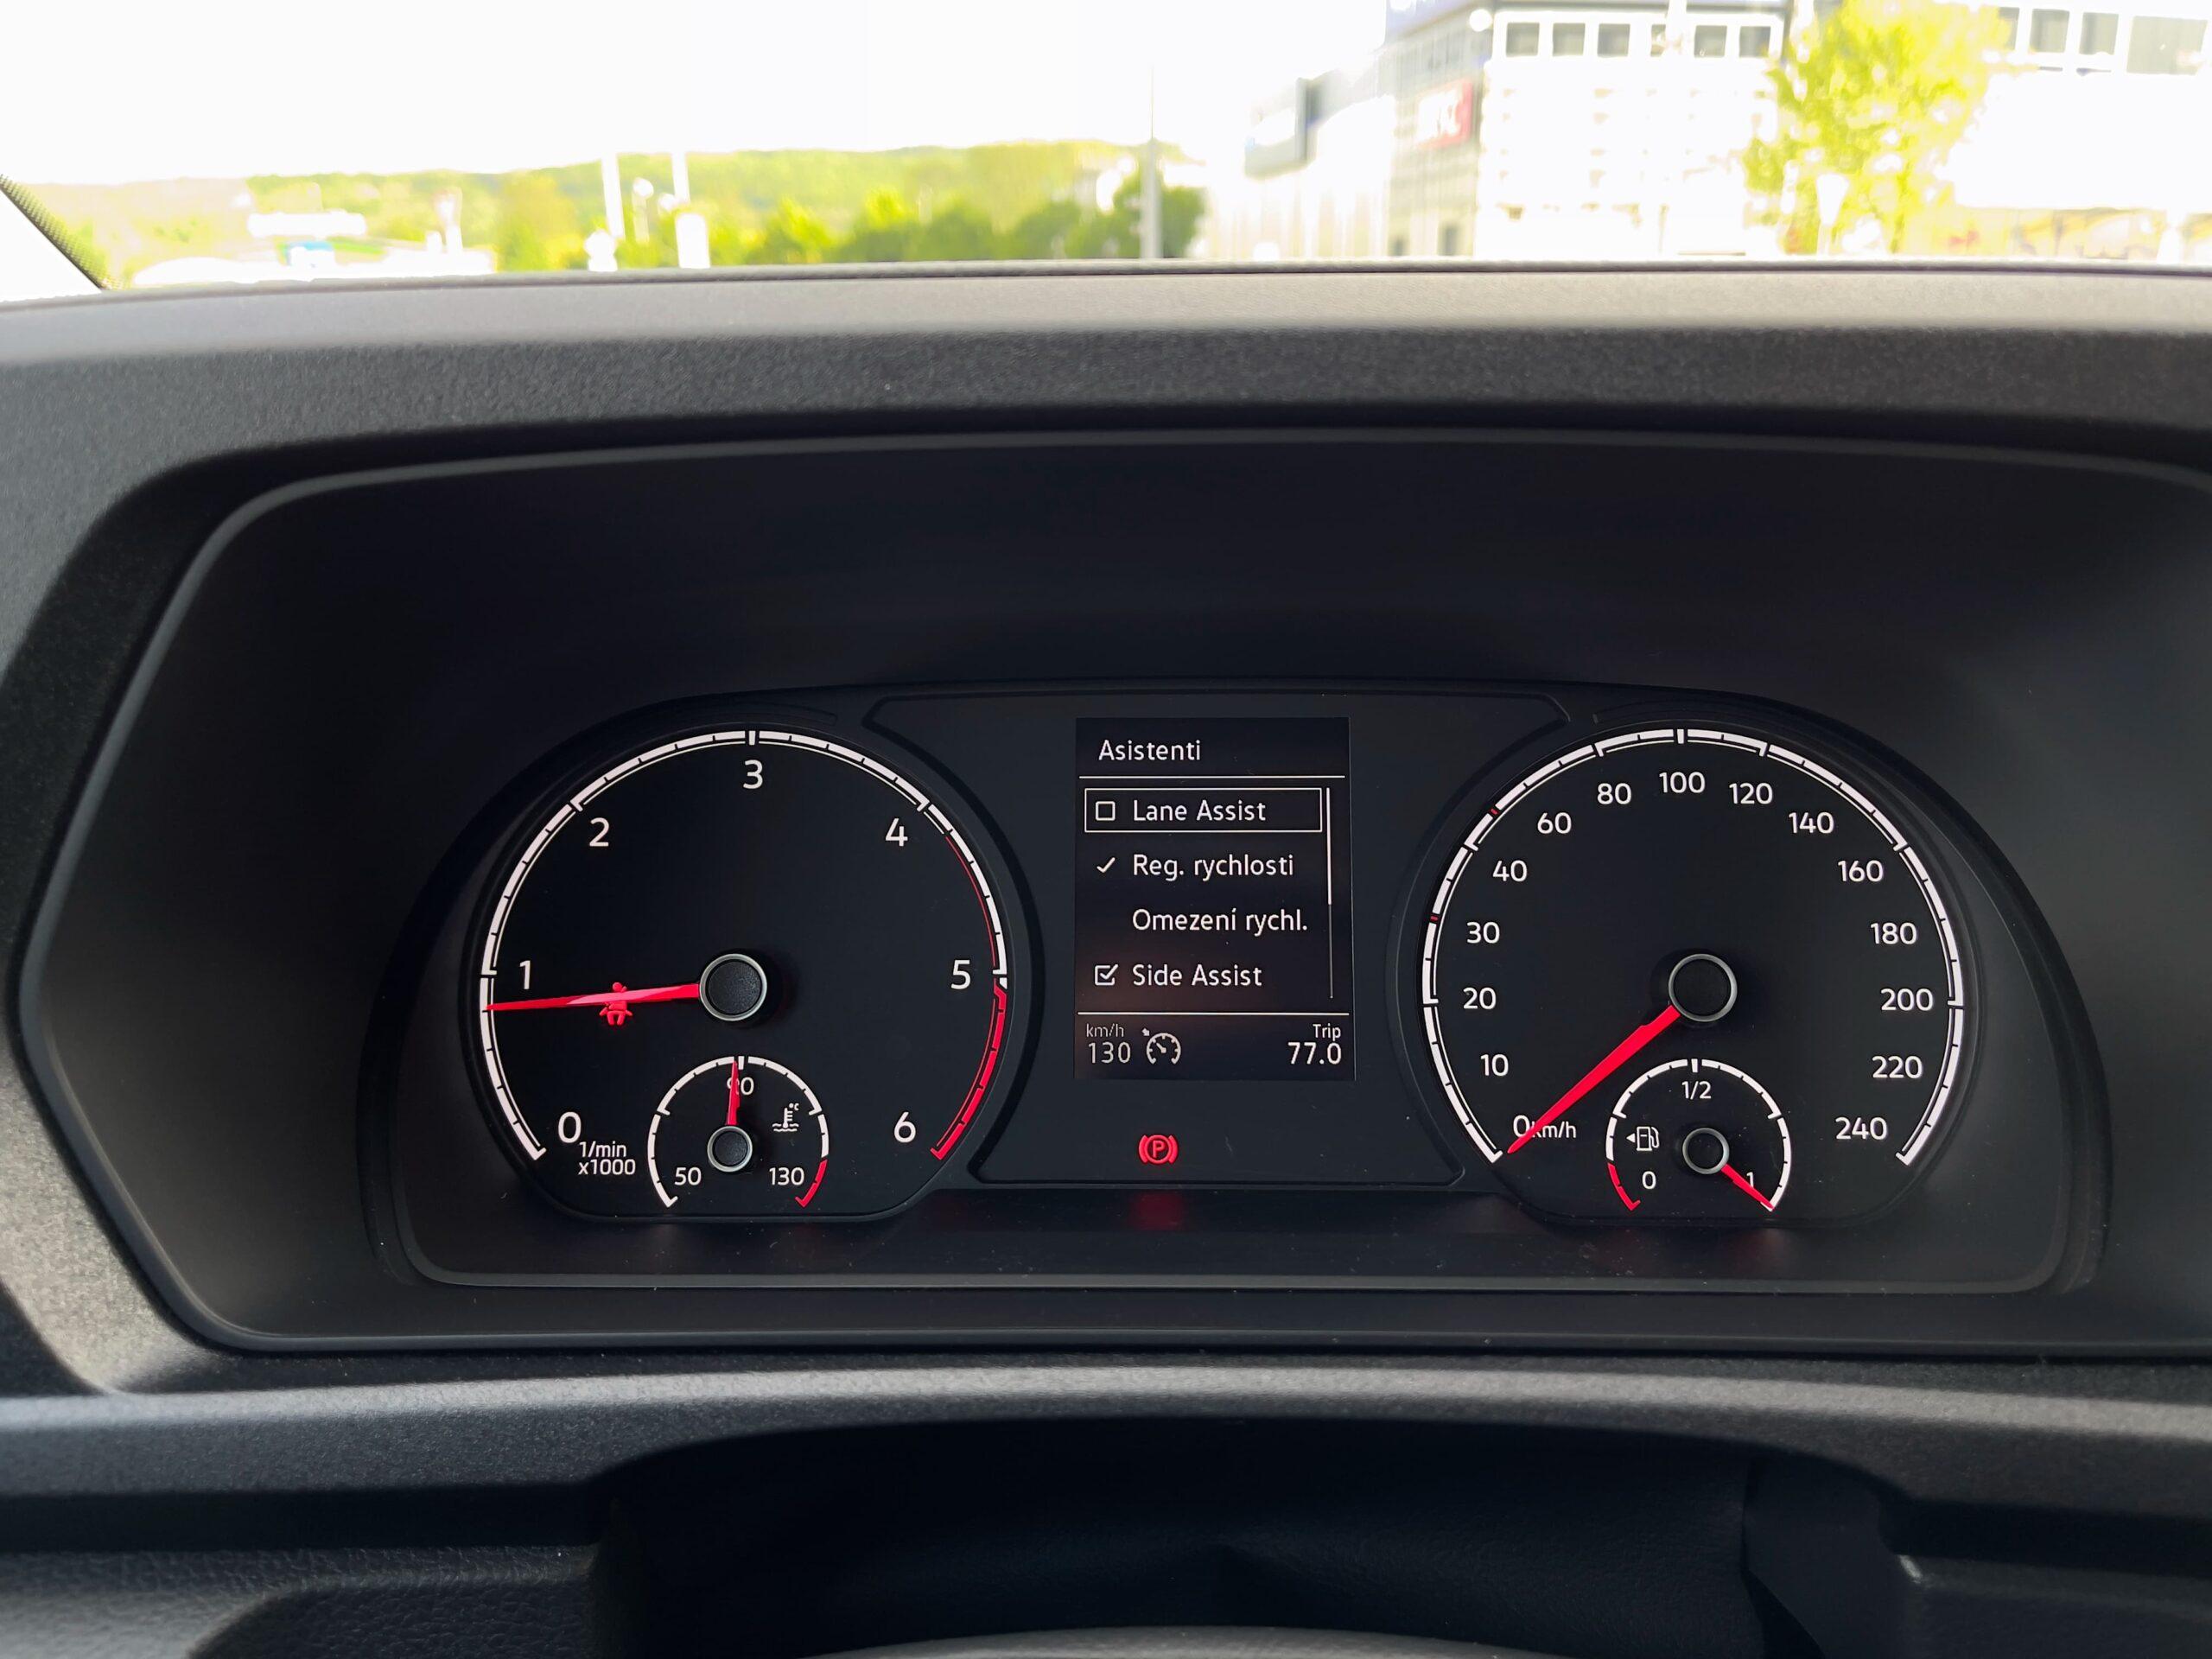 Volkswagen_Caddy_2021_infotainment_pristrojovy_stit_2